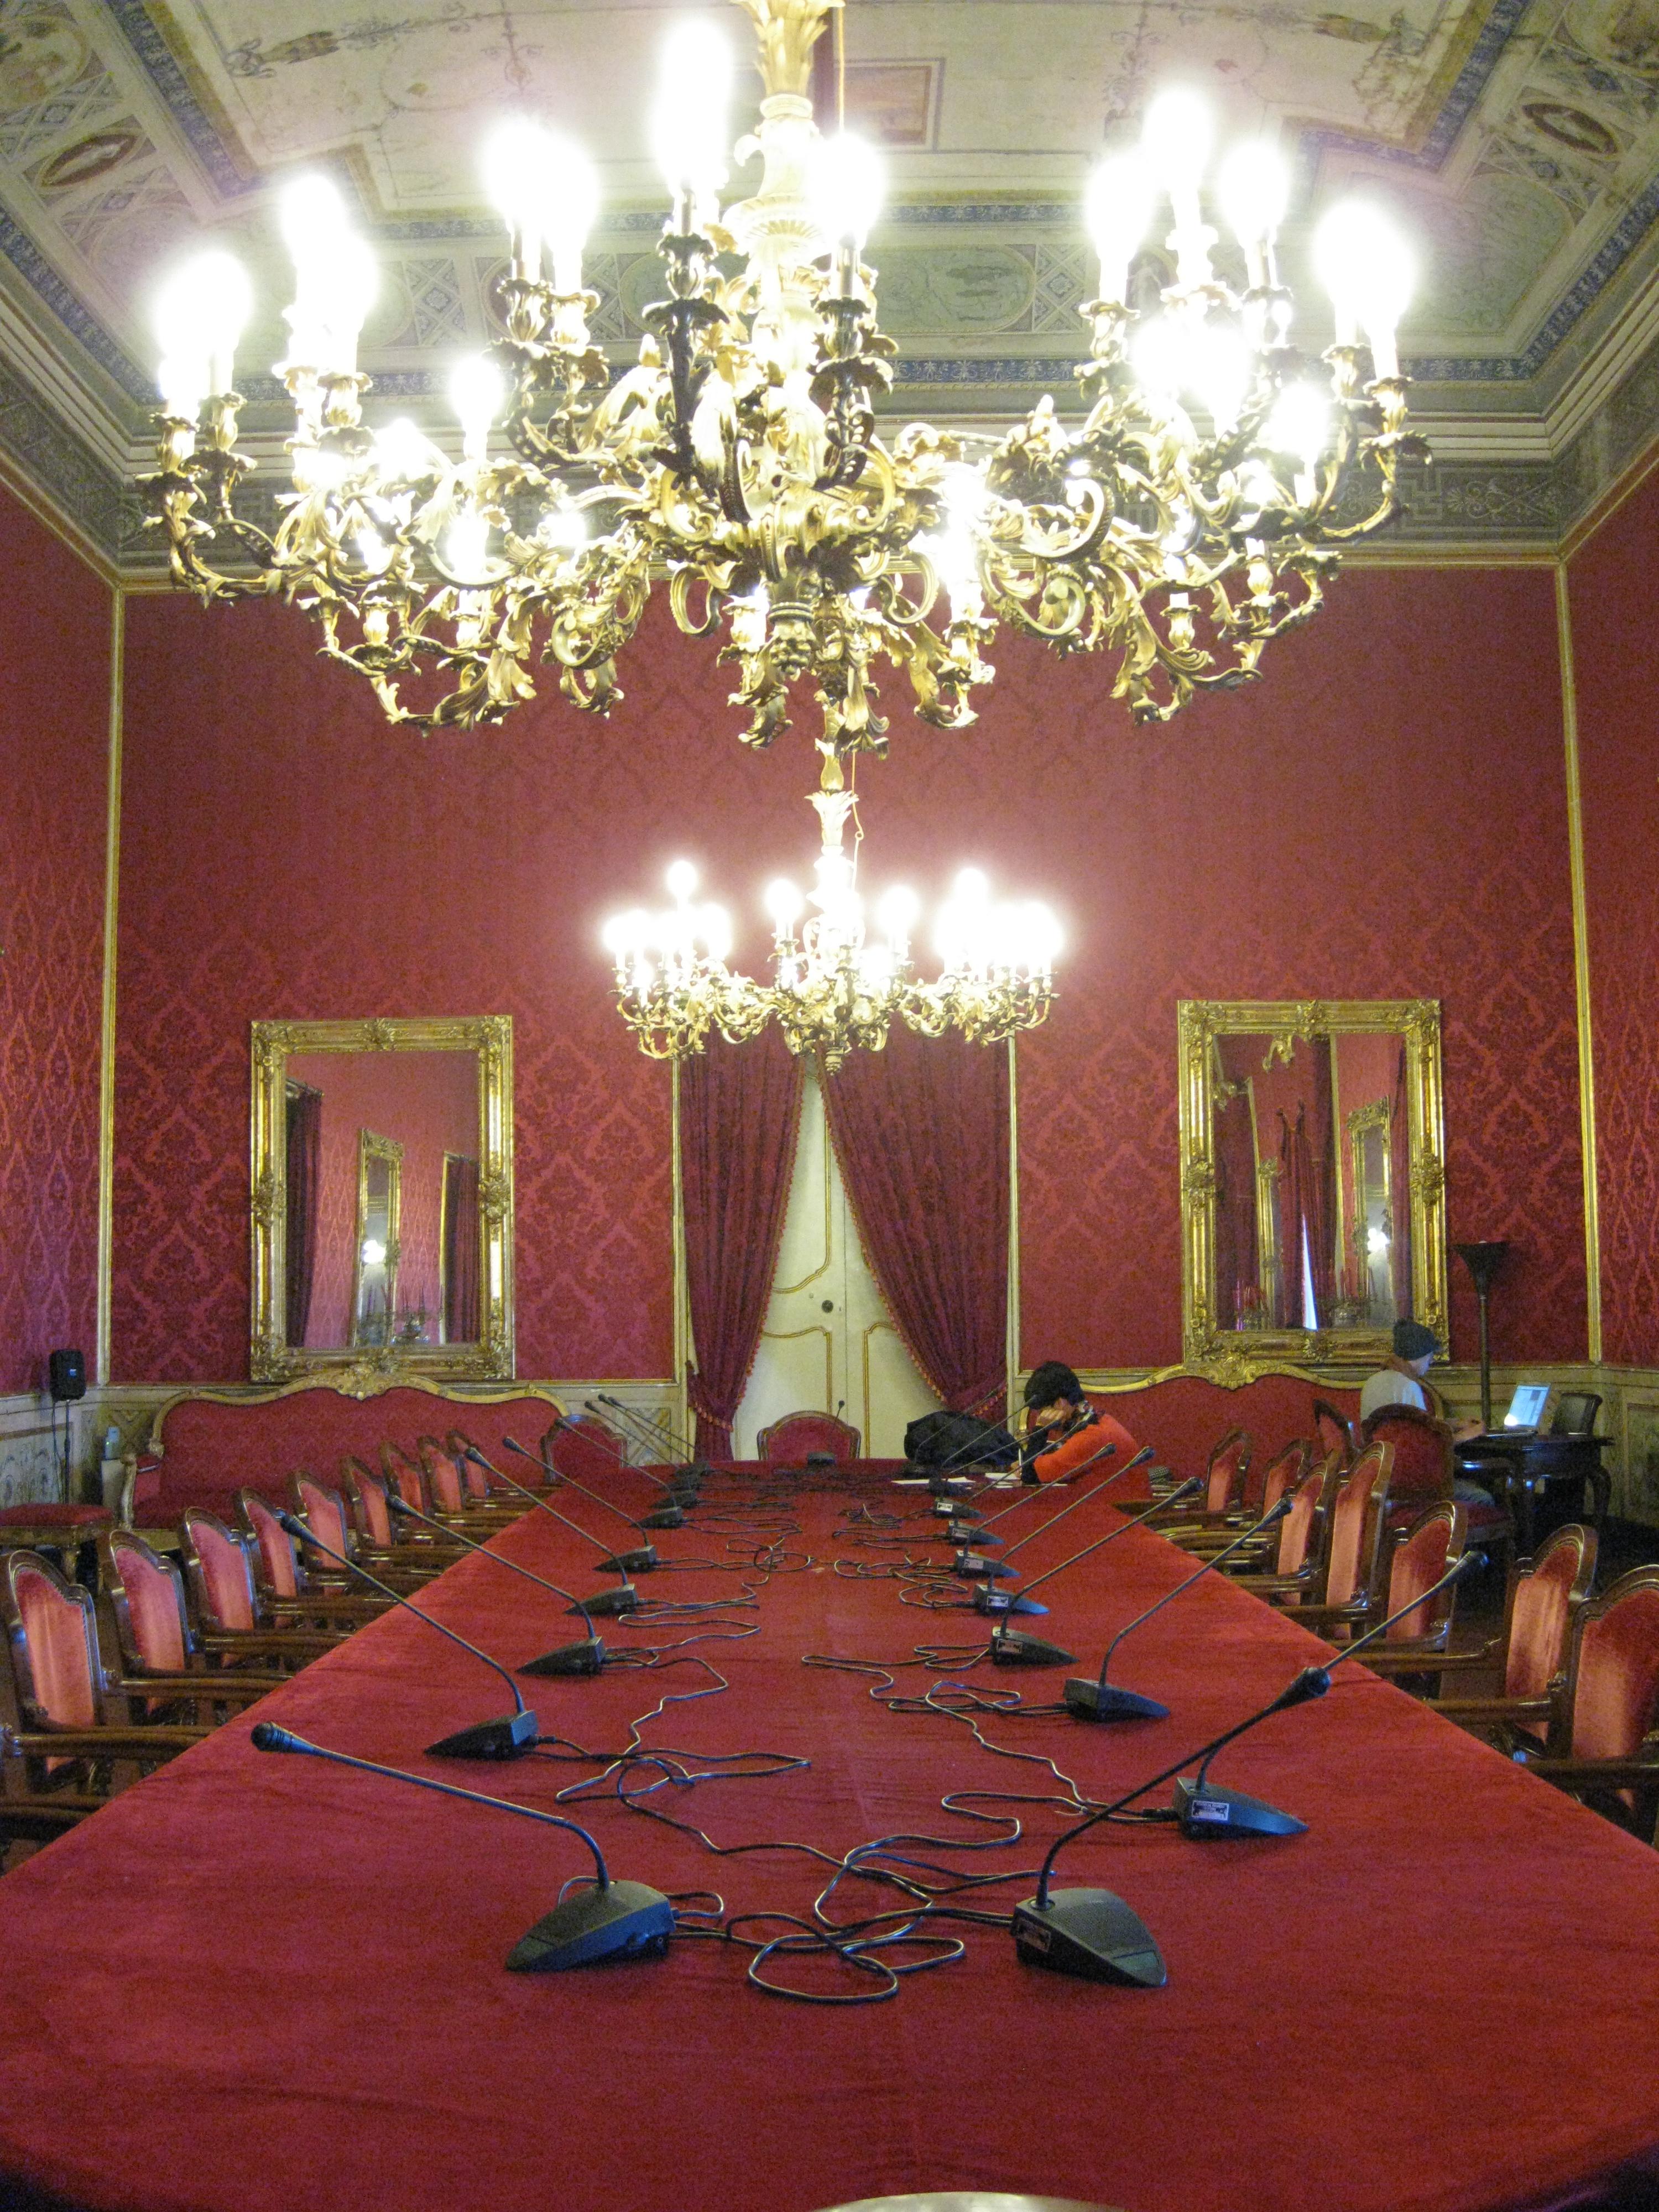 KAMILLESK_Caravaggio Symposium 2010